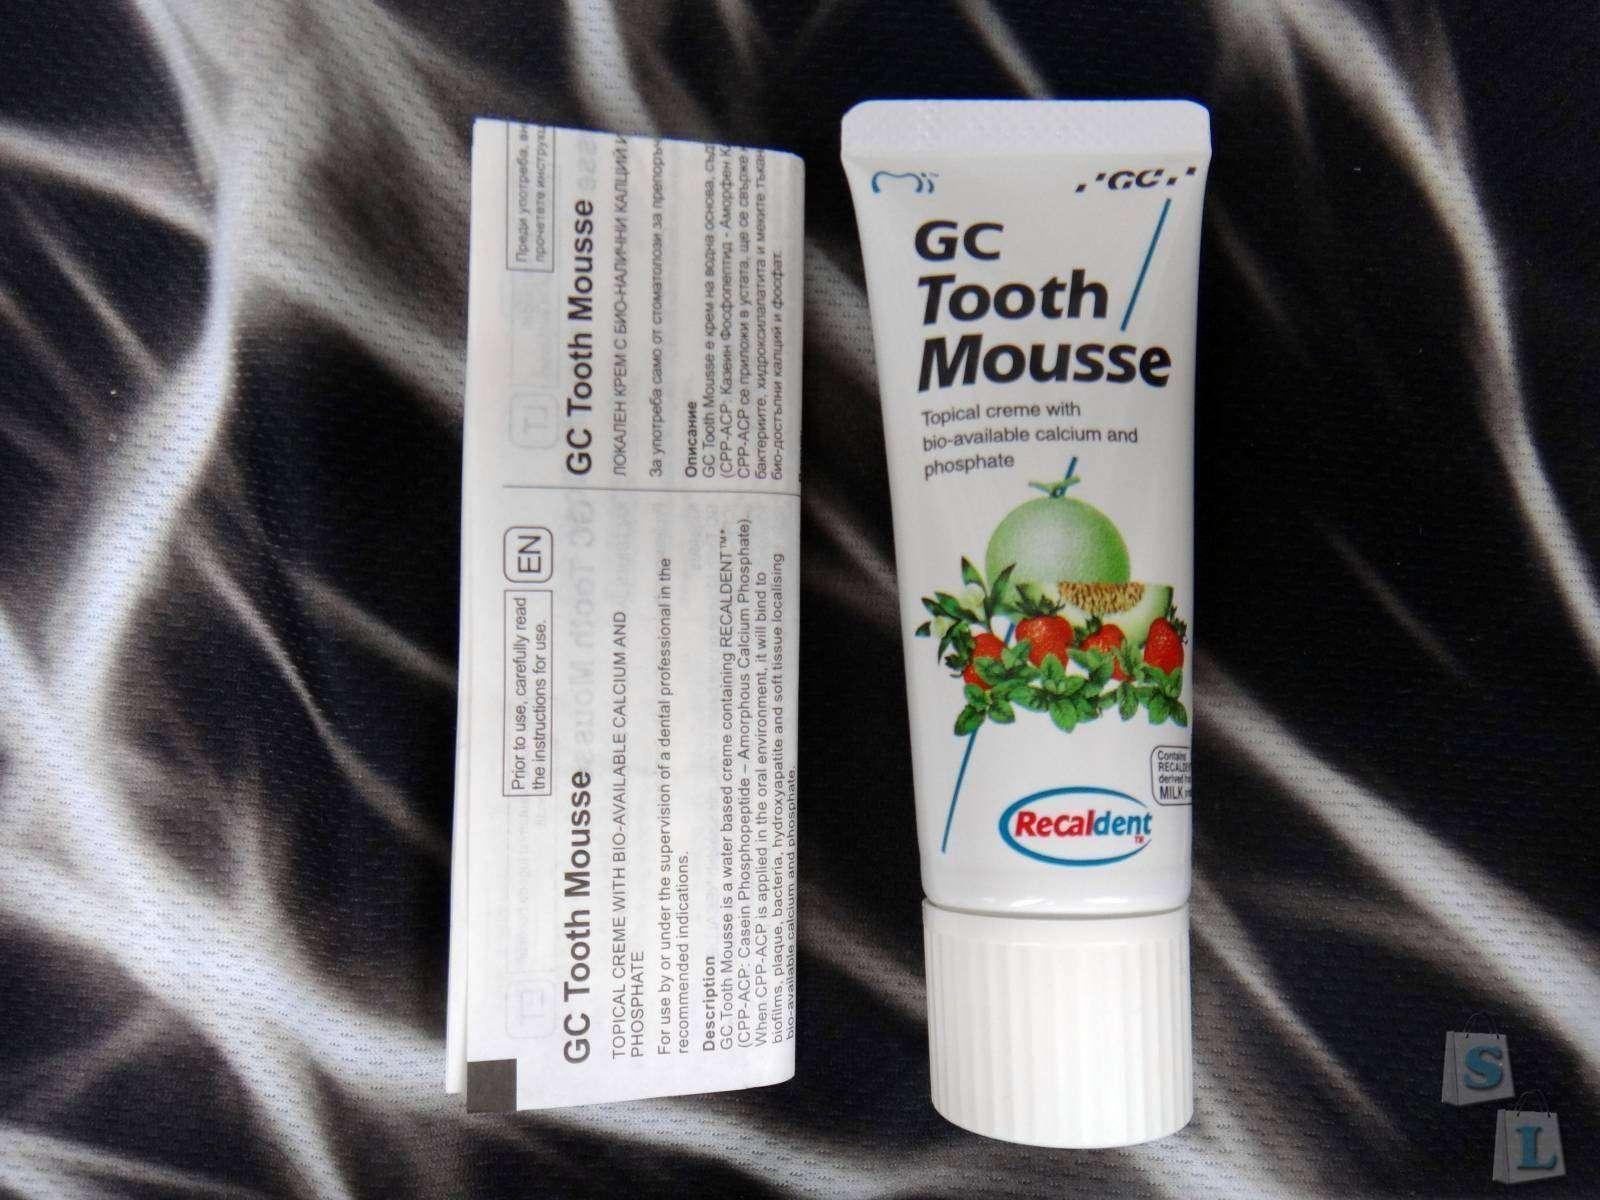 Другие - Украина: Обзор-отзыв о гель пасте Tooth Mousse (Тус мус Тусс мусс) 40 гр.|35 мл.